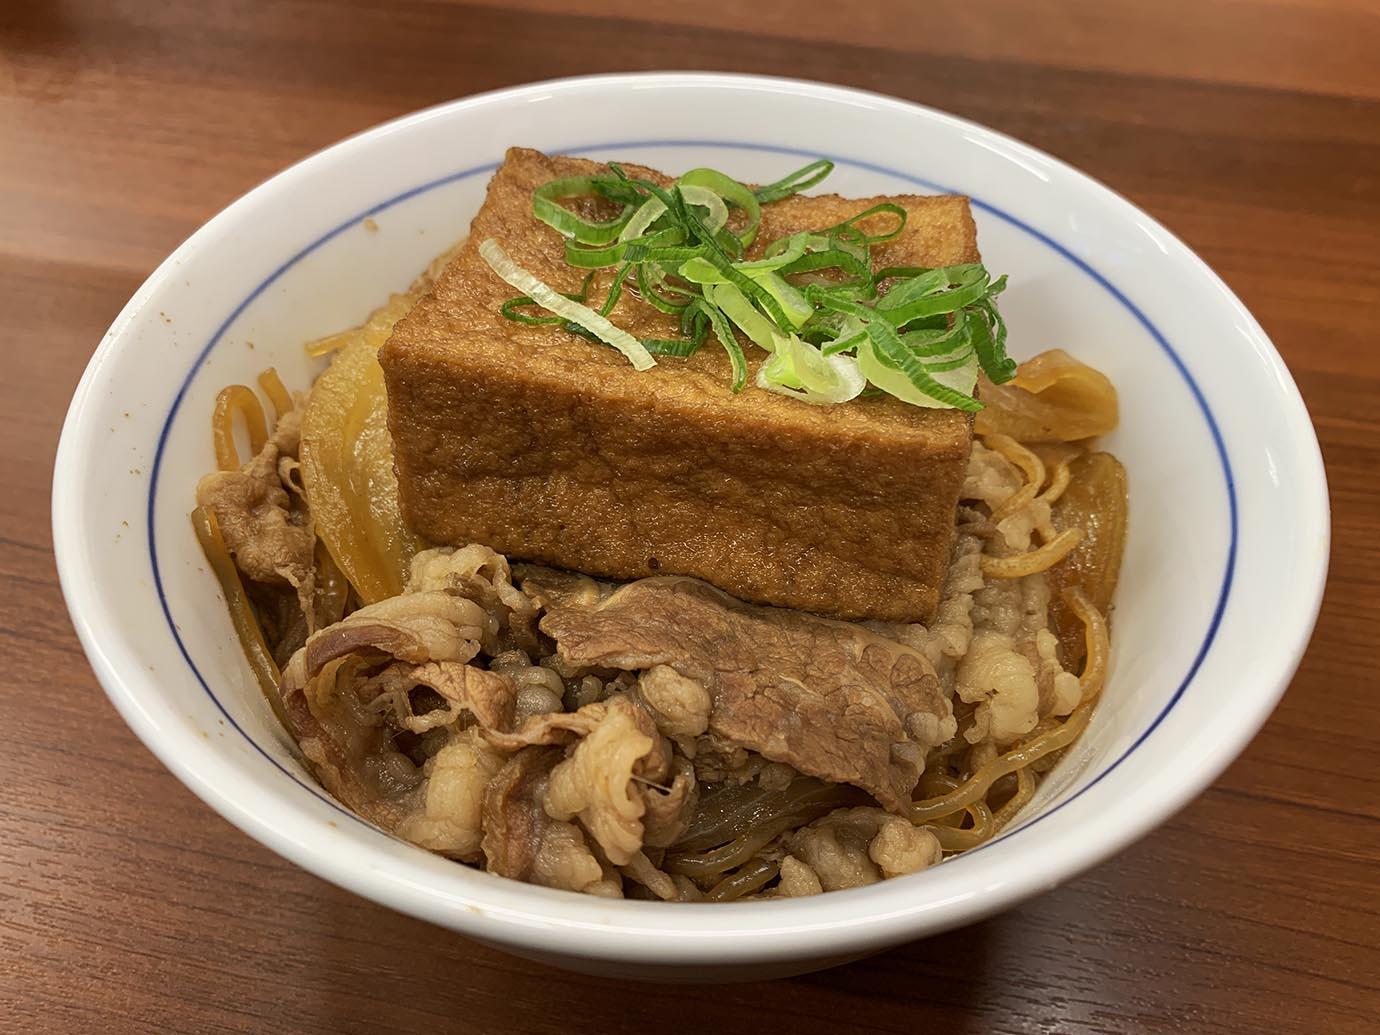 yoshinoya-ushiwakamaru-kitsune-gyudon